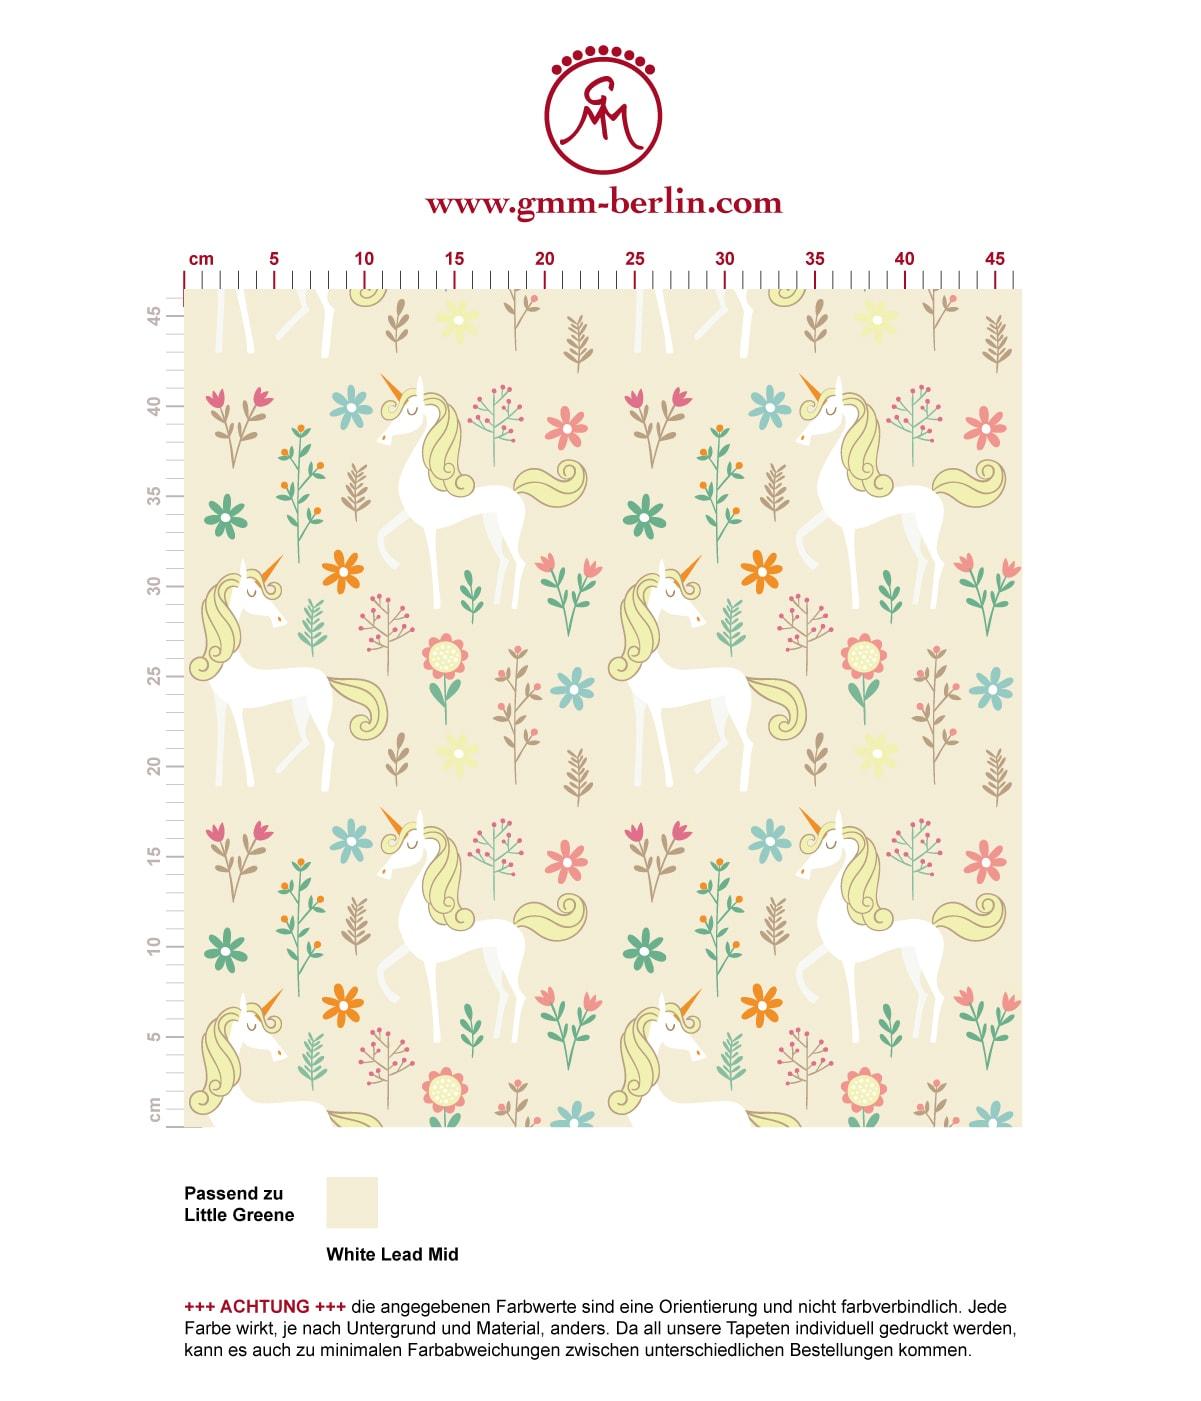 Klassische Kinder Tapete mit magischem Einhorn zum Träumen auf beige angepasst an Little Greene Wandfarben. Aus dem GMM-BERLIN.com Sortiment: Schöne Tapeten in creme Farbe